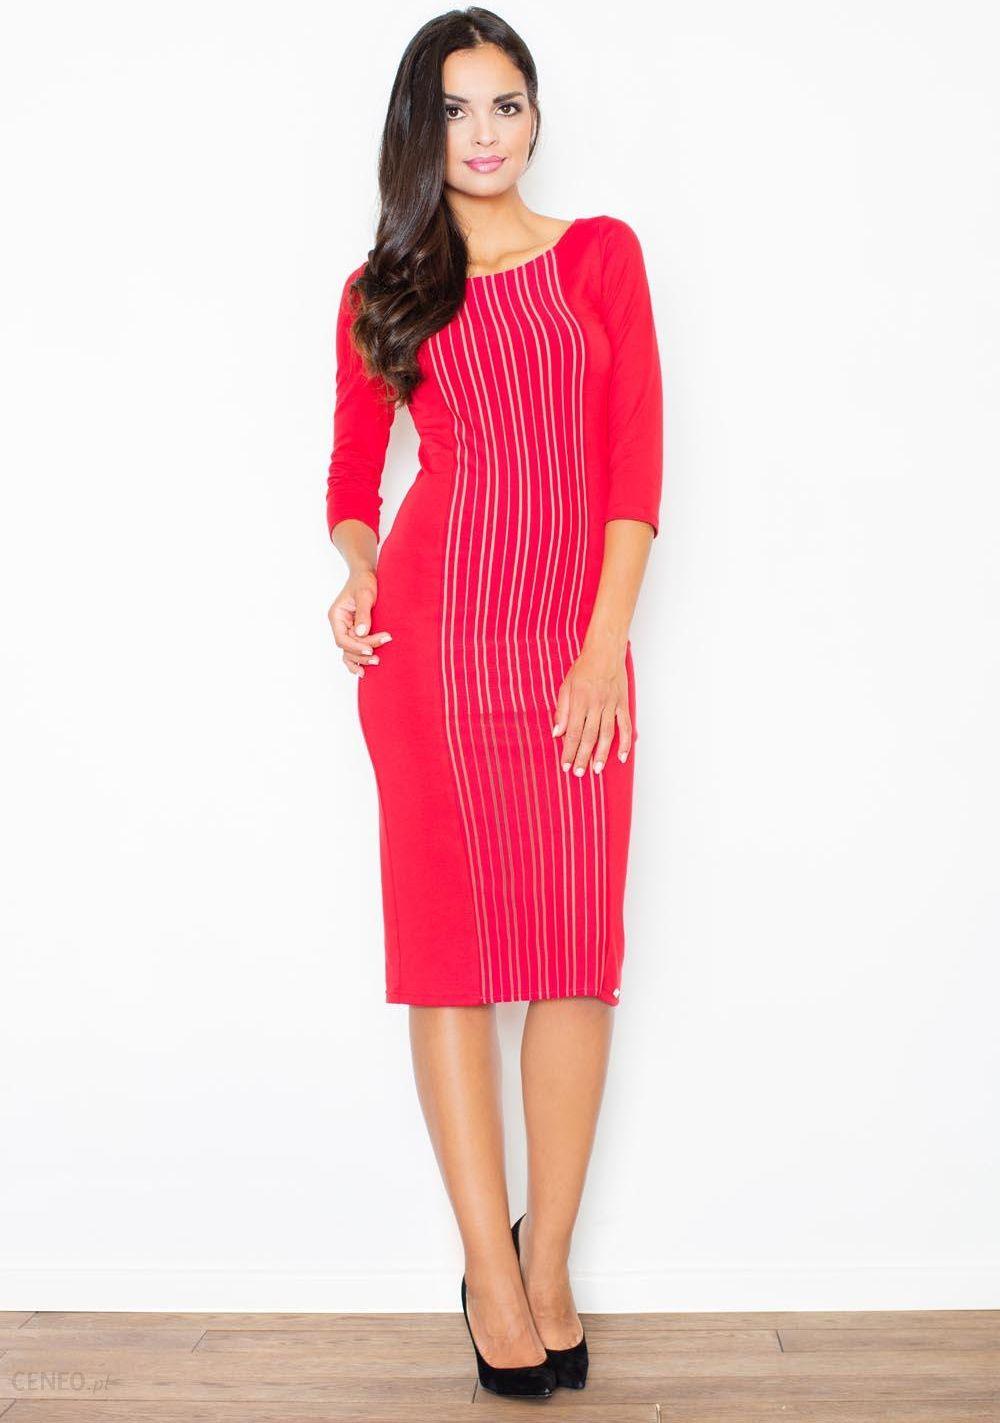 ed9bb29d45 Figl Czerwona Wyjściowa Midi Sukienka z Przeszyciami z Rękawem 3 4 -  zdjęcie 1